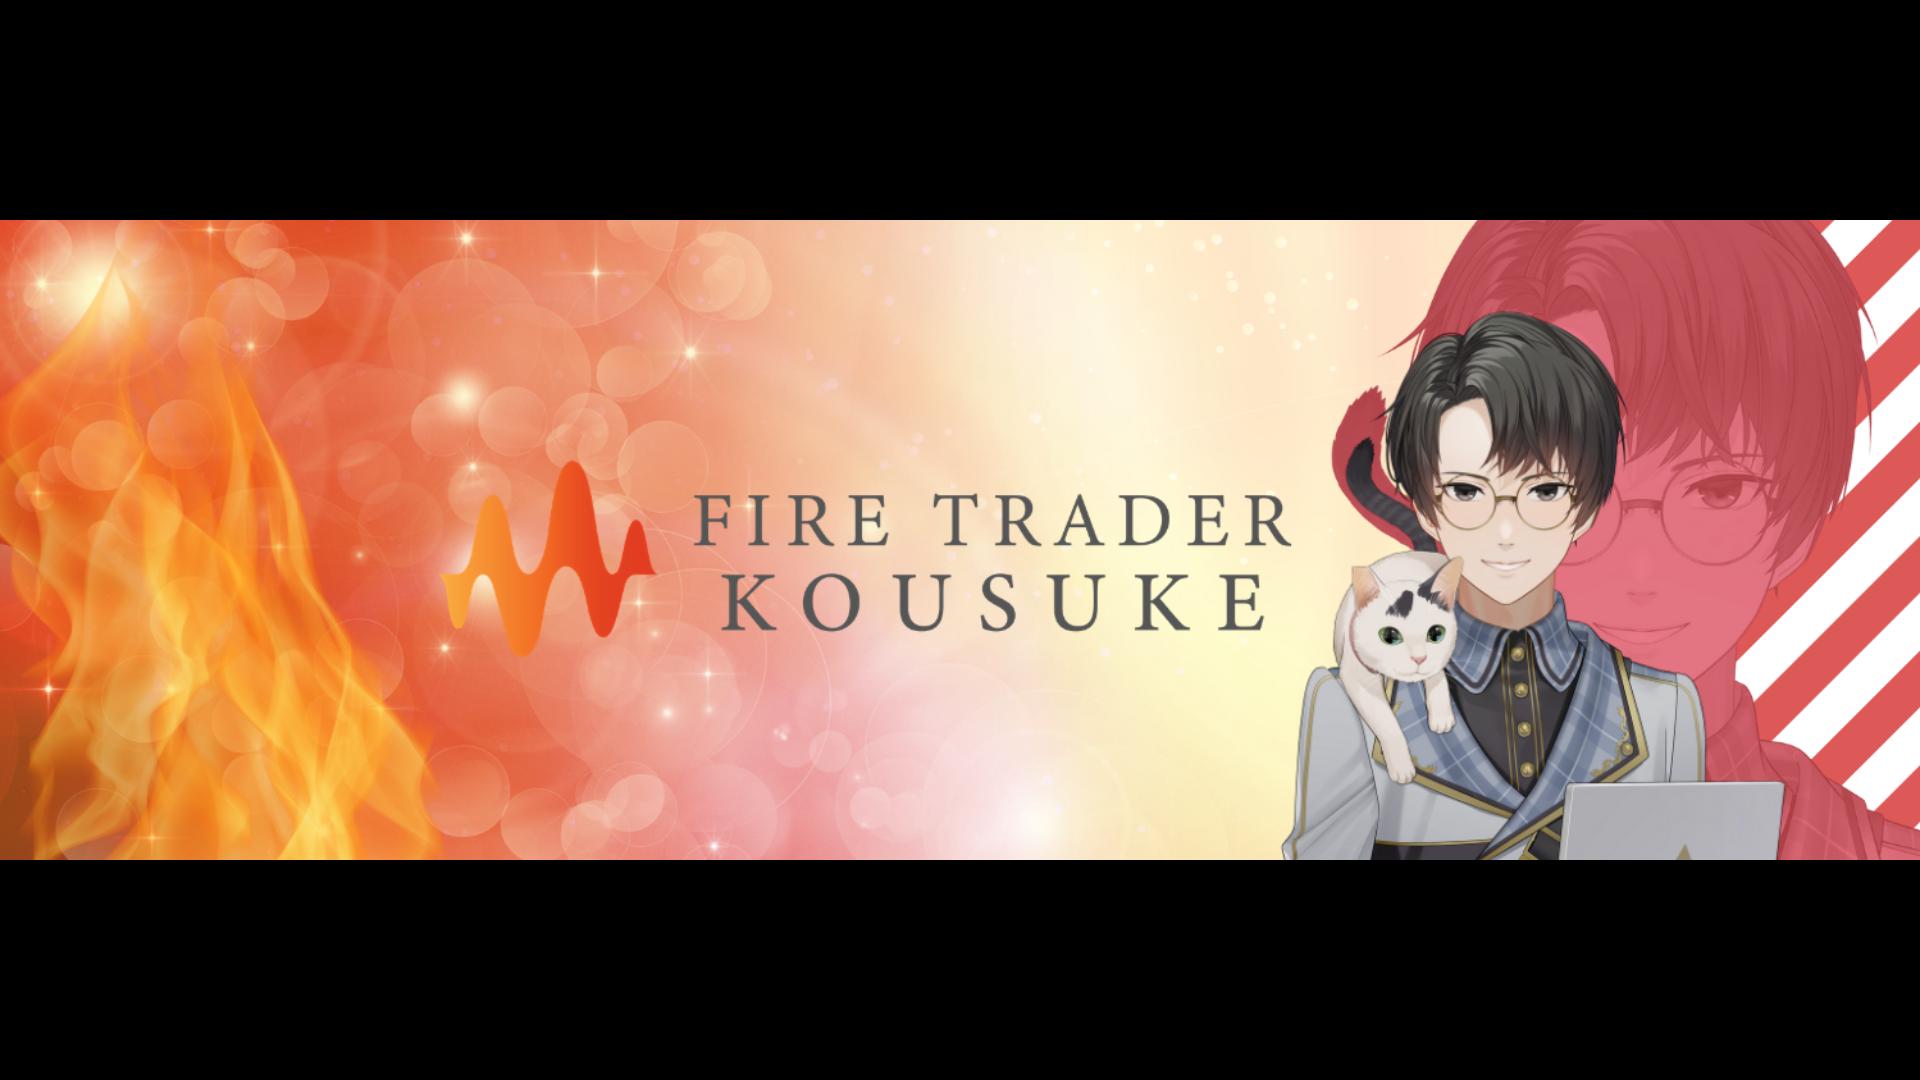 FIRE TRADER™ KOUSUKE